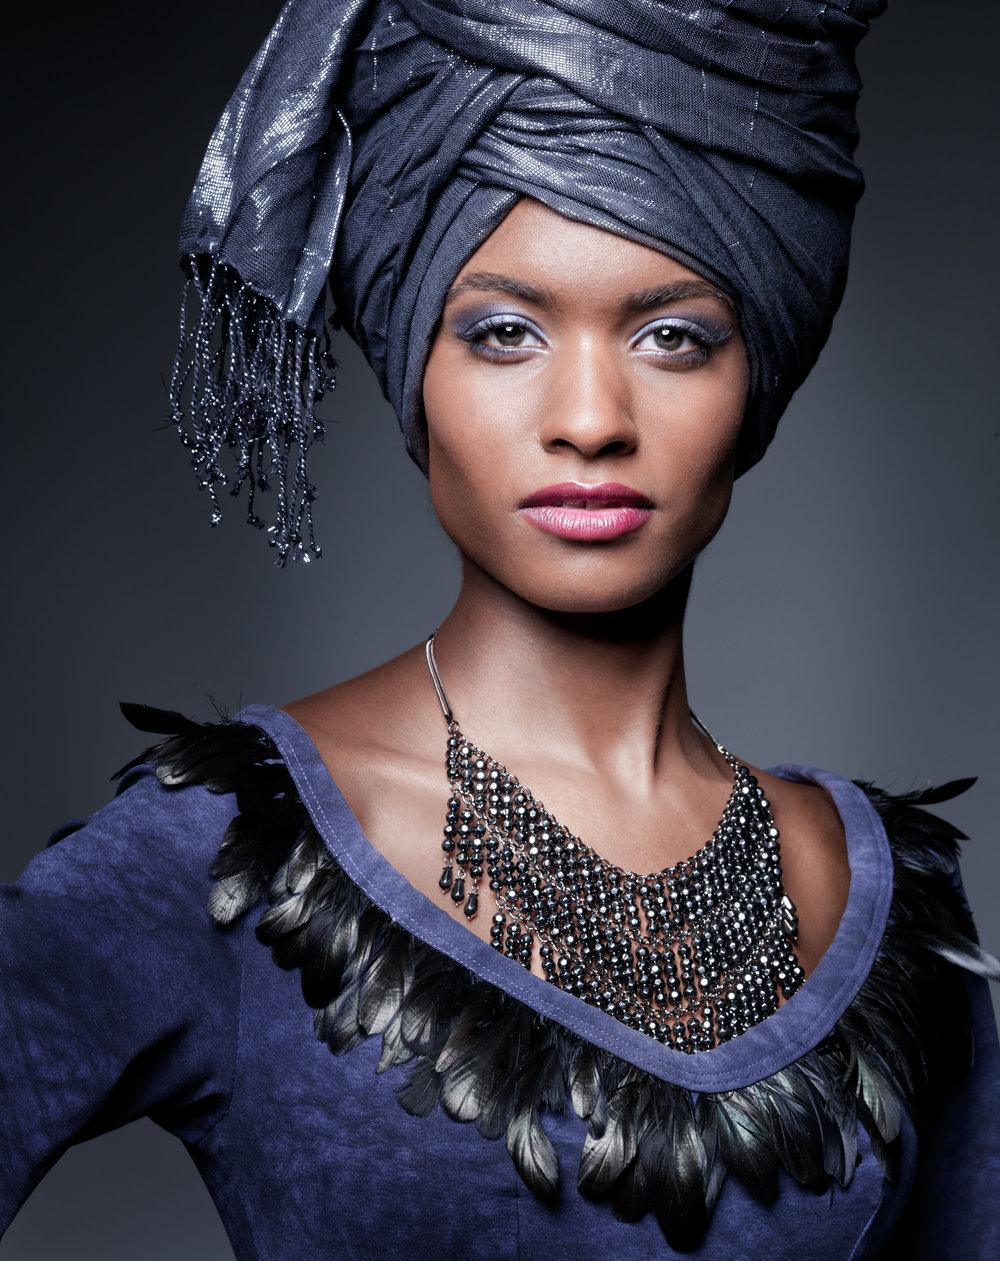 Studio Portrait Fotografie, Leonie, African Queen, Porträtfotografie, Zürich, Schweiz